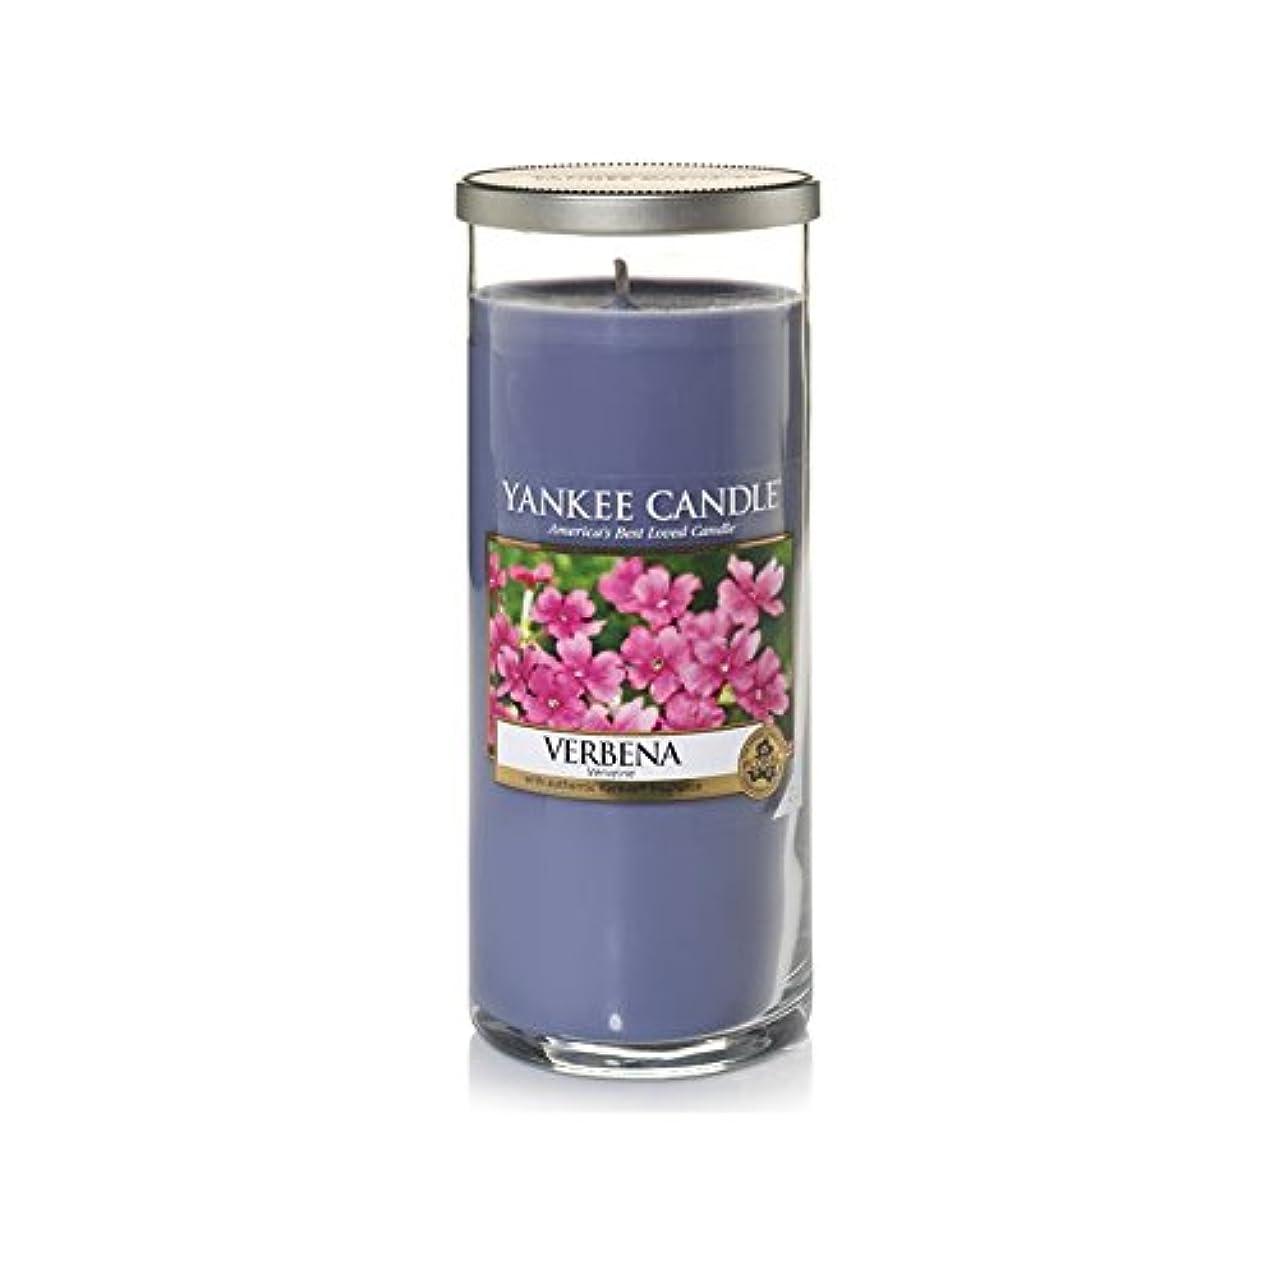 冷酷な進む舗装するYankee Candles Large Pillar Candle - Verbena (Pack of 6) - ヤンキーキャンドル大きな柱キャンドル - バーベナ (x6) [並行輸入品]